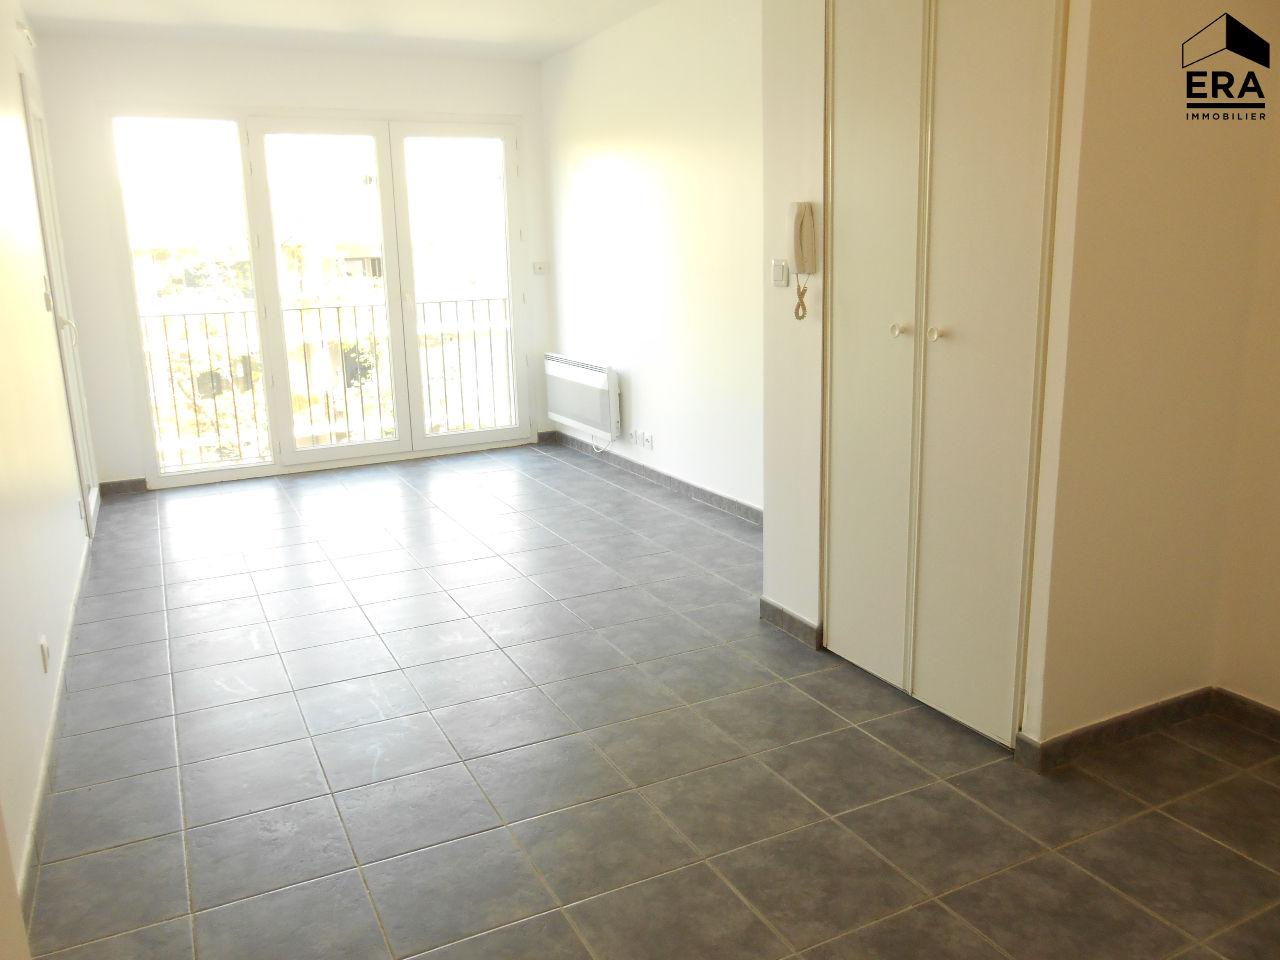 Vente Appartement 1 pièces VILLENAVE D ORNON 33140